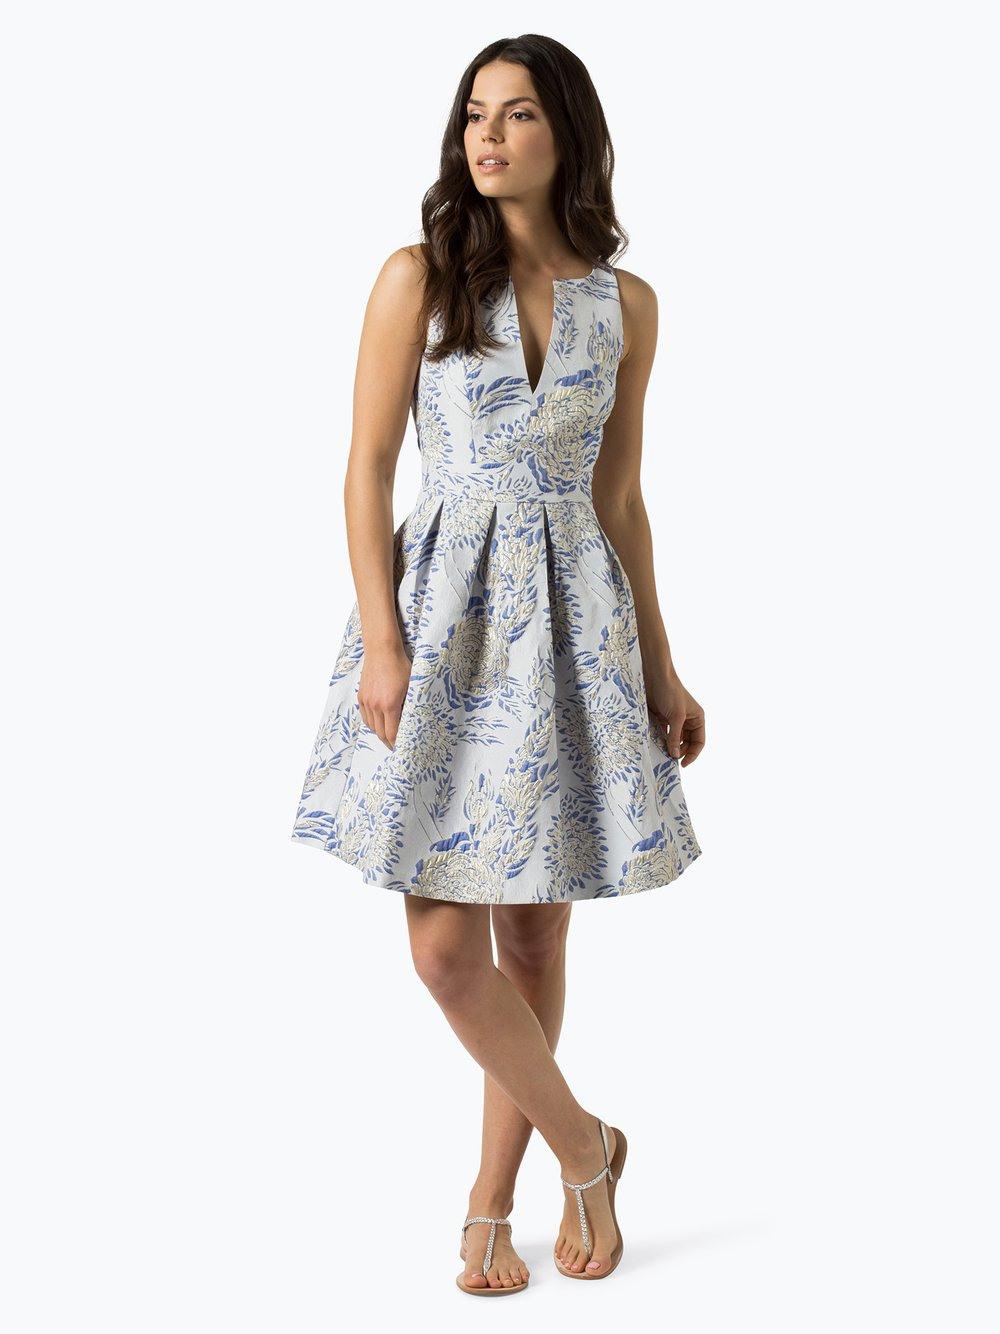 Formal Fantastisch Yas Abendkleid Stylish10 Luxurius Yas Abendkleid Design